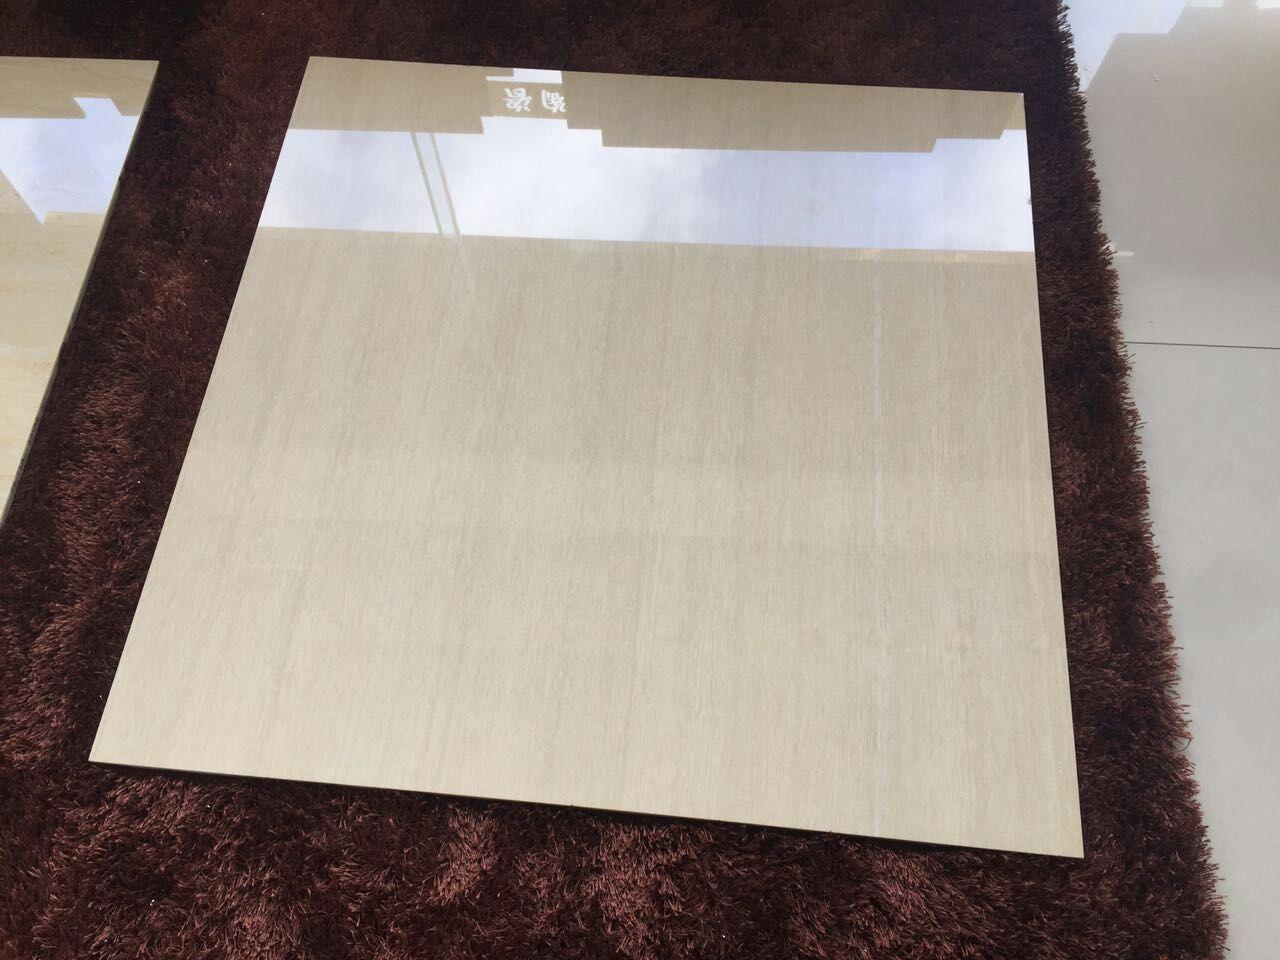 佛山800黄白木纹2万箱、质量优等、特价13开头。